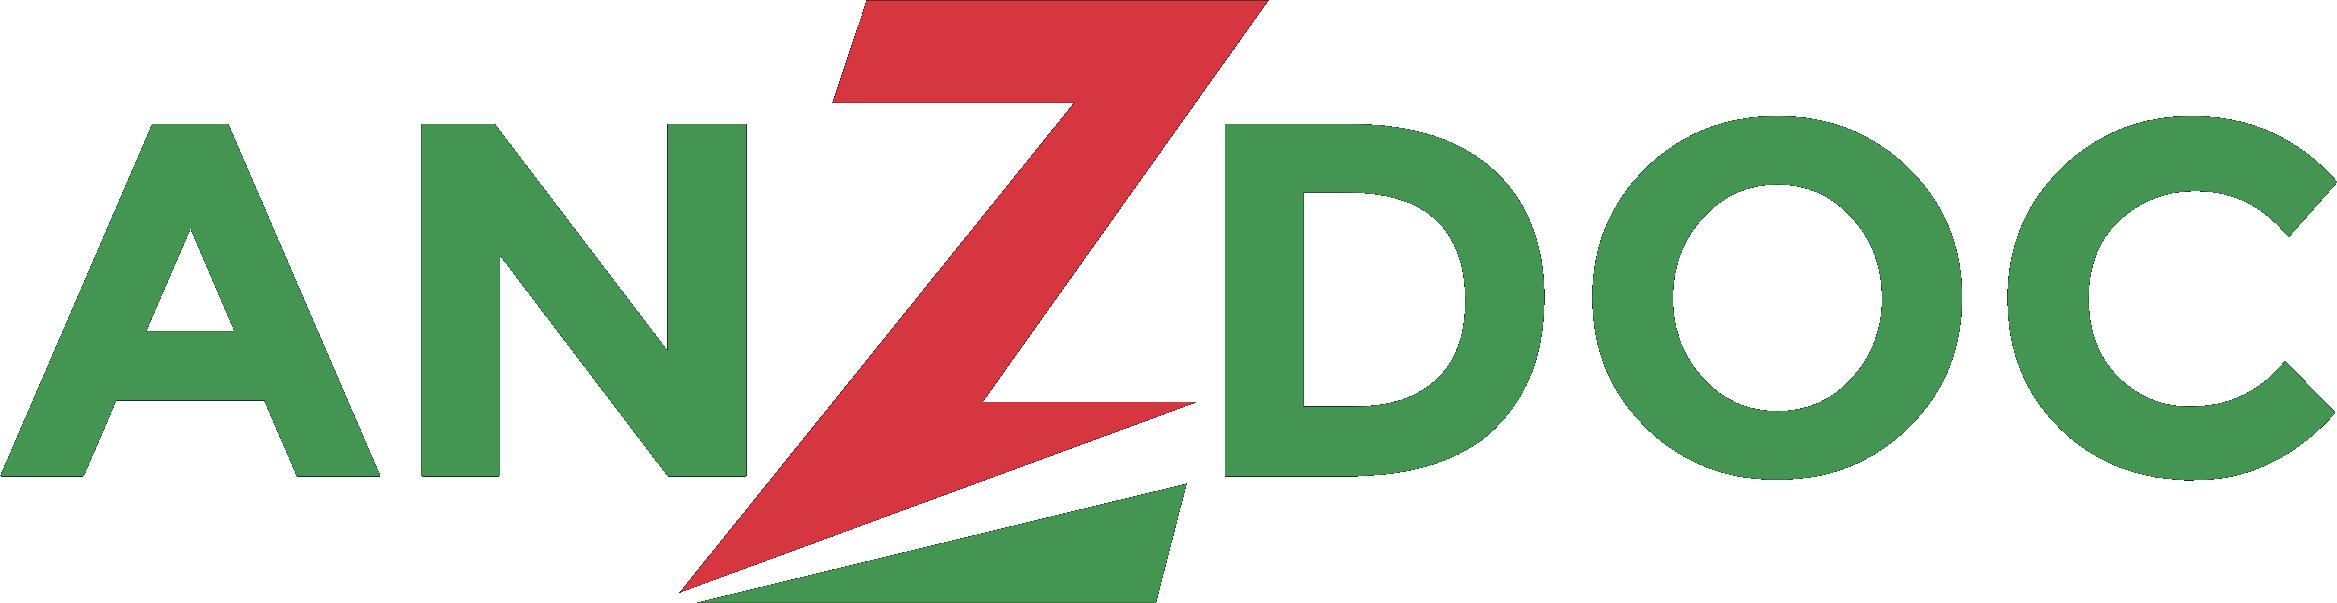 Mostantól vény nélkül kapható egy fogyasztó gyógyszer Magyarországon / Friss hírek / Aktuális